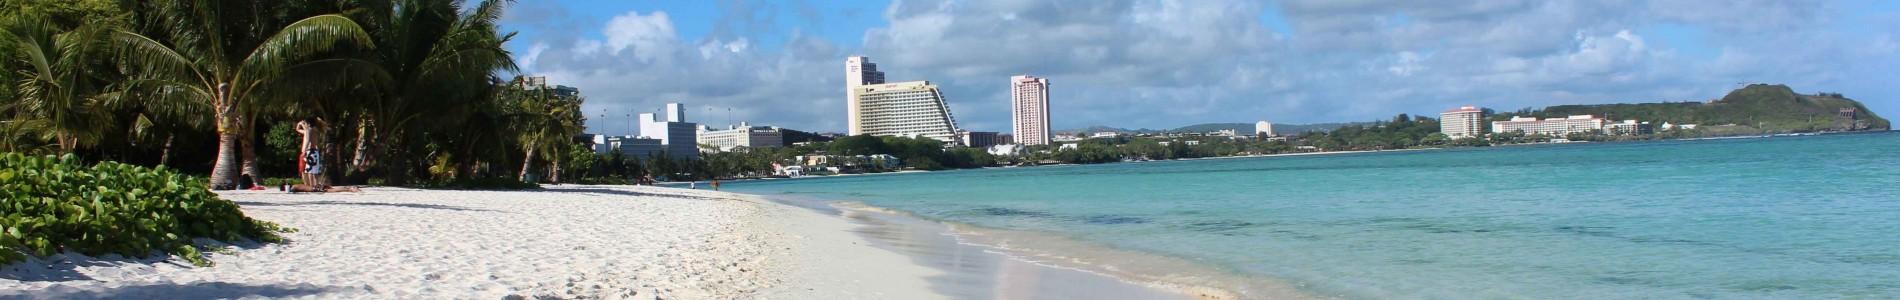 Guam Picture 1